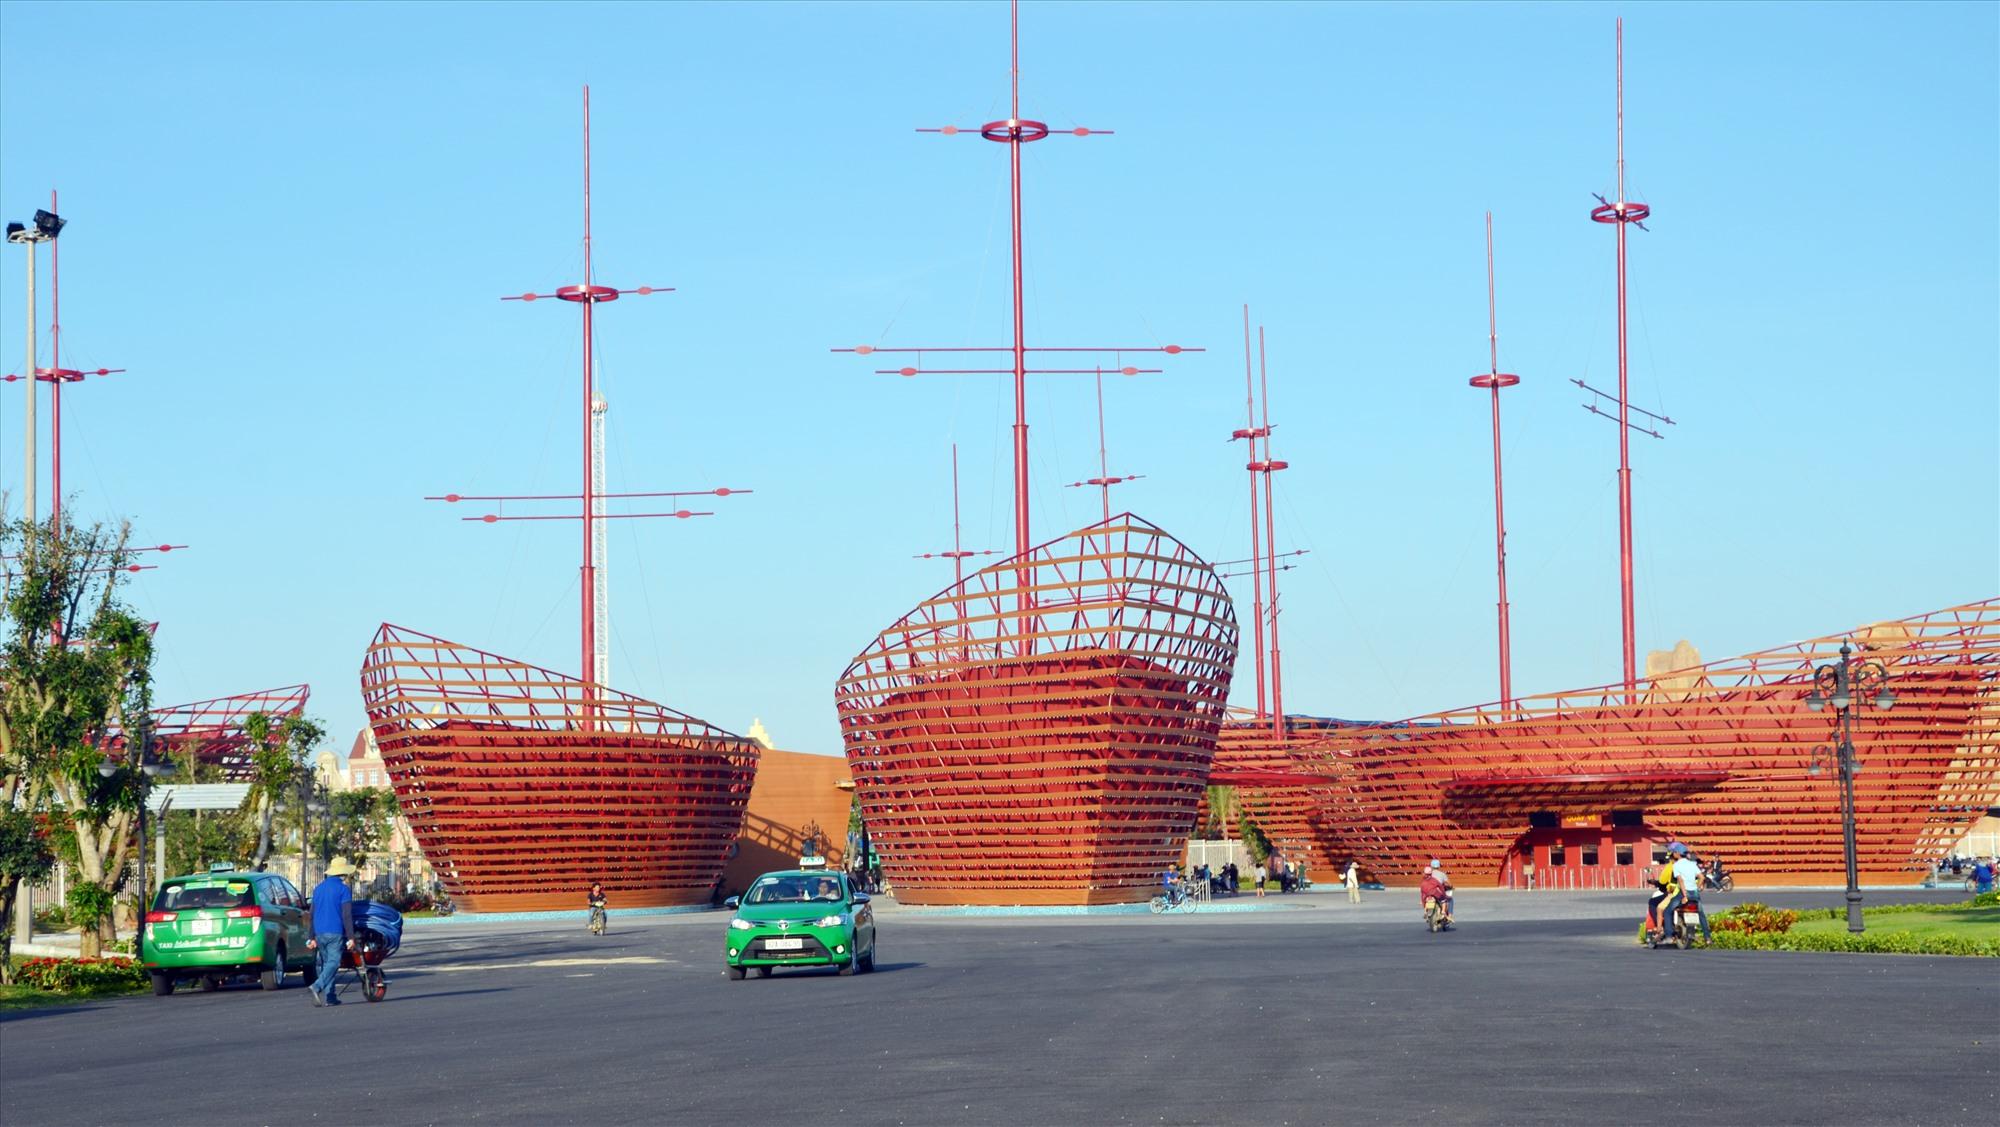 Khu vui chơi giải trí Vinpearl Land Nam Hội An, đóng tại xã Bình Dương (Thăng Bình) tạo ra động lực phát triển mạnh về dịch vụ du lịch. Ảnh: H.P